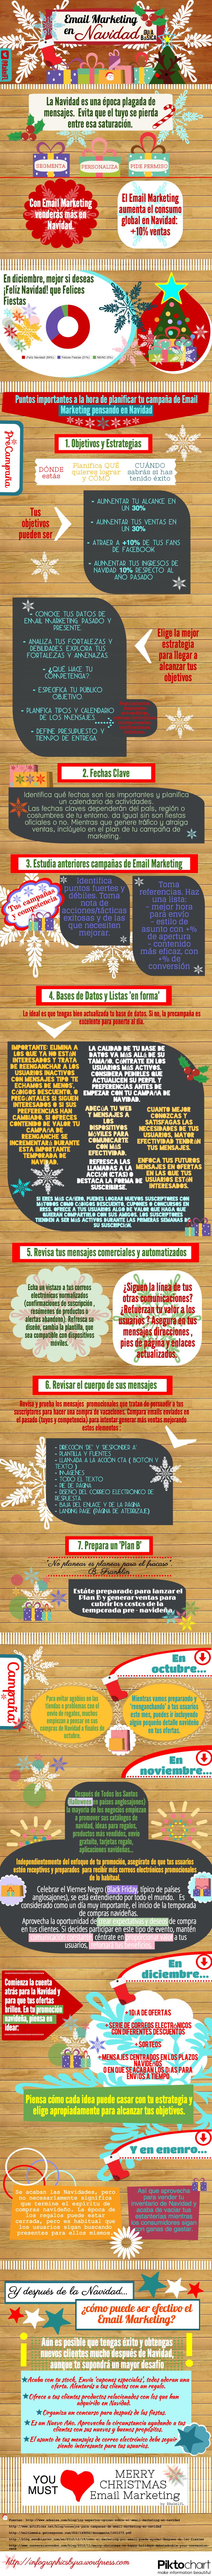 Consejos para campañas de Email Marketing en Navidad 1